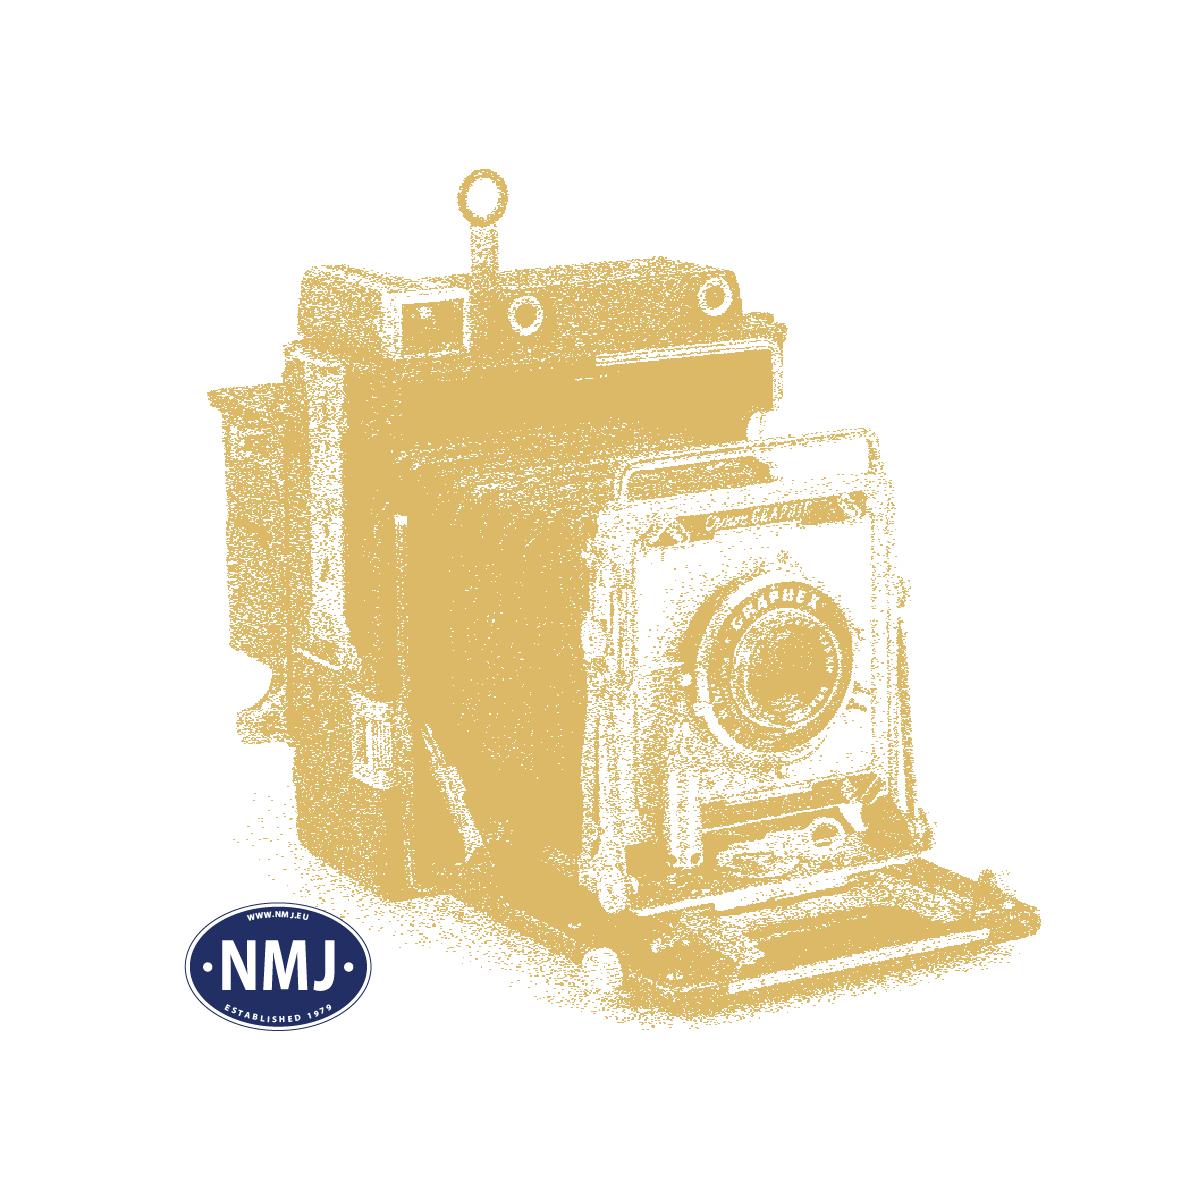 NMJT505.991 - NMJ Topline NSB/Finsam Fliscontainer kort type